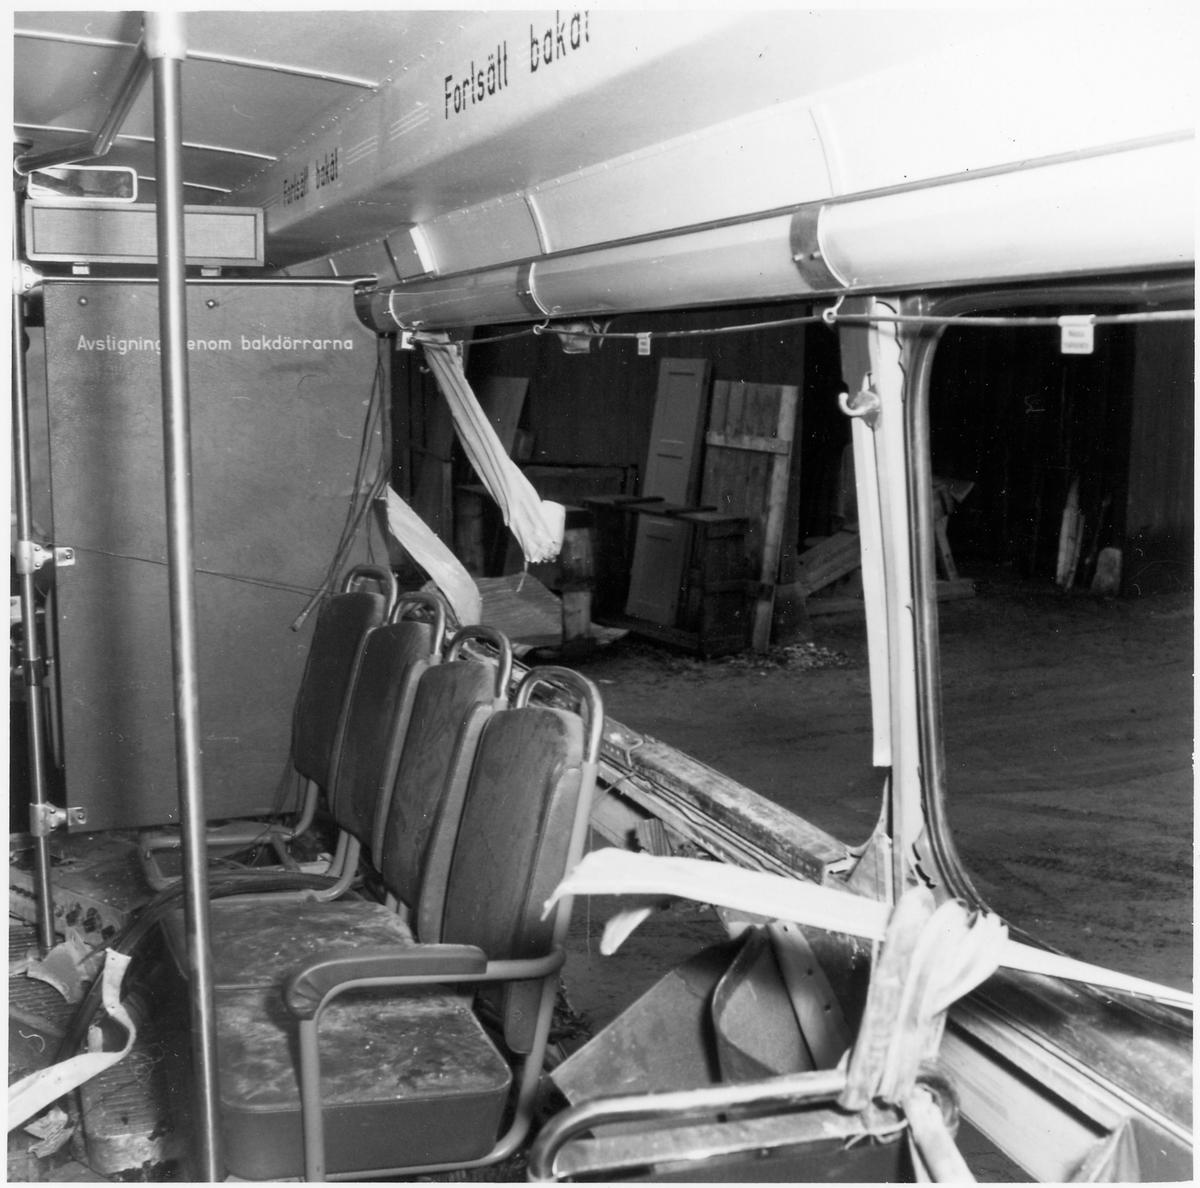 Skadad inredning på en buss.